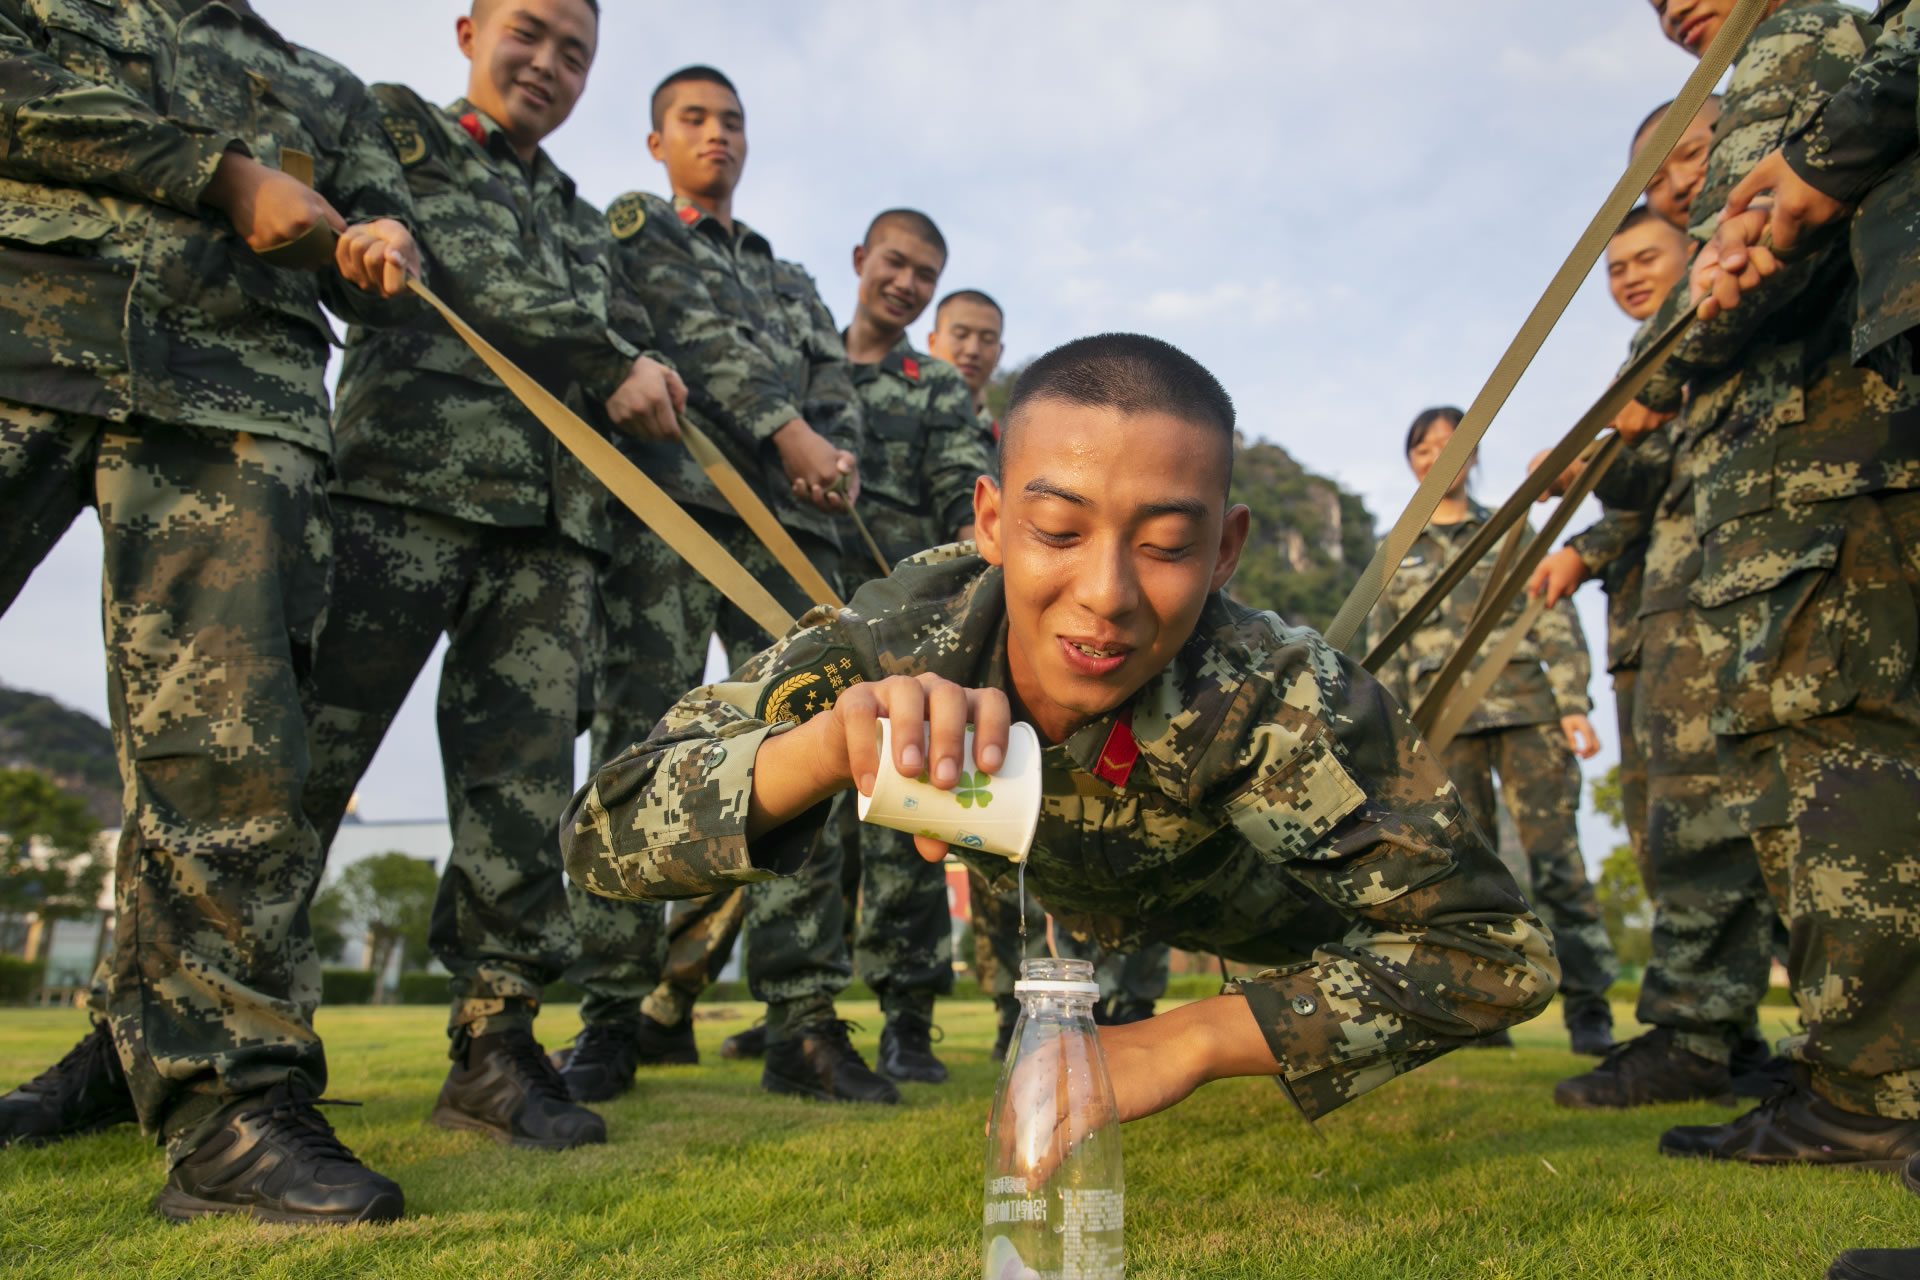 小游戏培养官兵团结协作意识